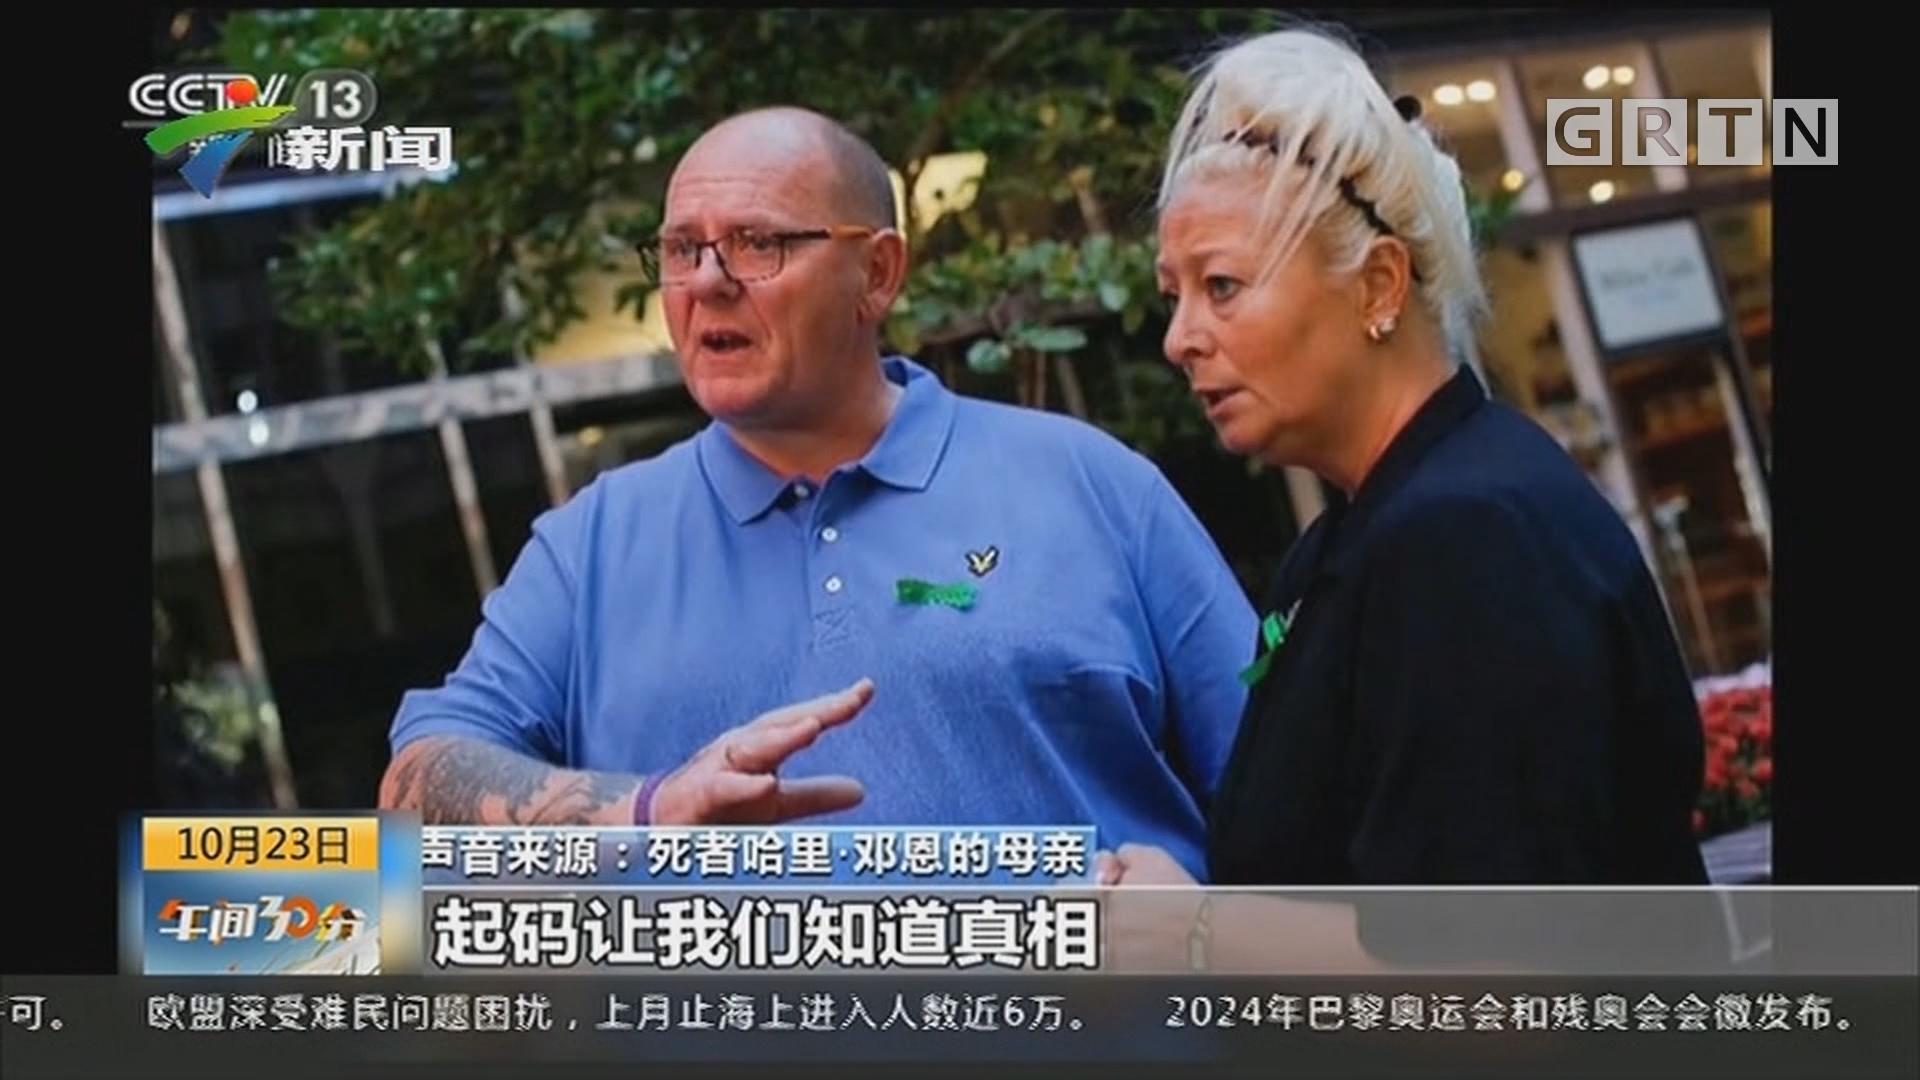 美外交官之妻在英撞人致死后逃回国:英国警方将赴美与肇事者面谈